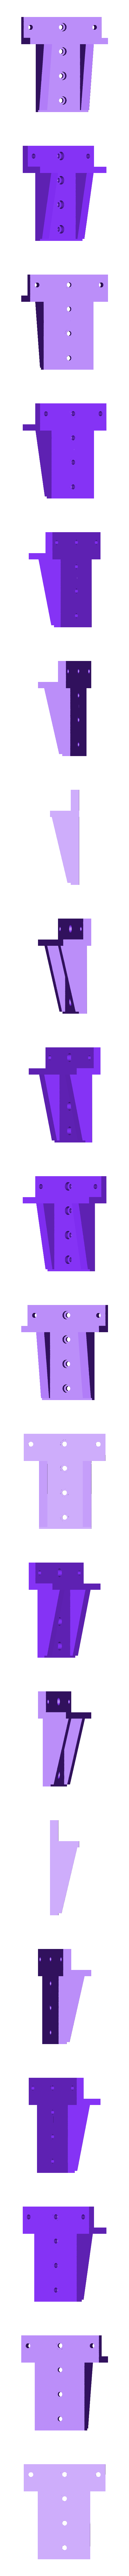 2020_BRACKET_v4.stl Télécharger fichier STL gratuit Porte-bobine à centre ajustable • Design pour imprimante 3D, jonbourg